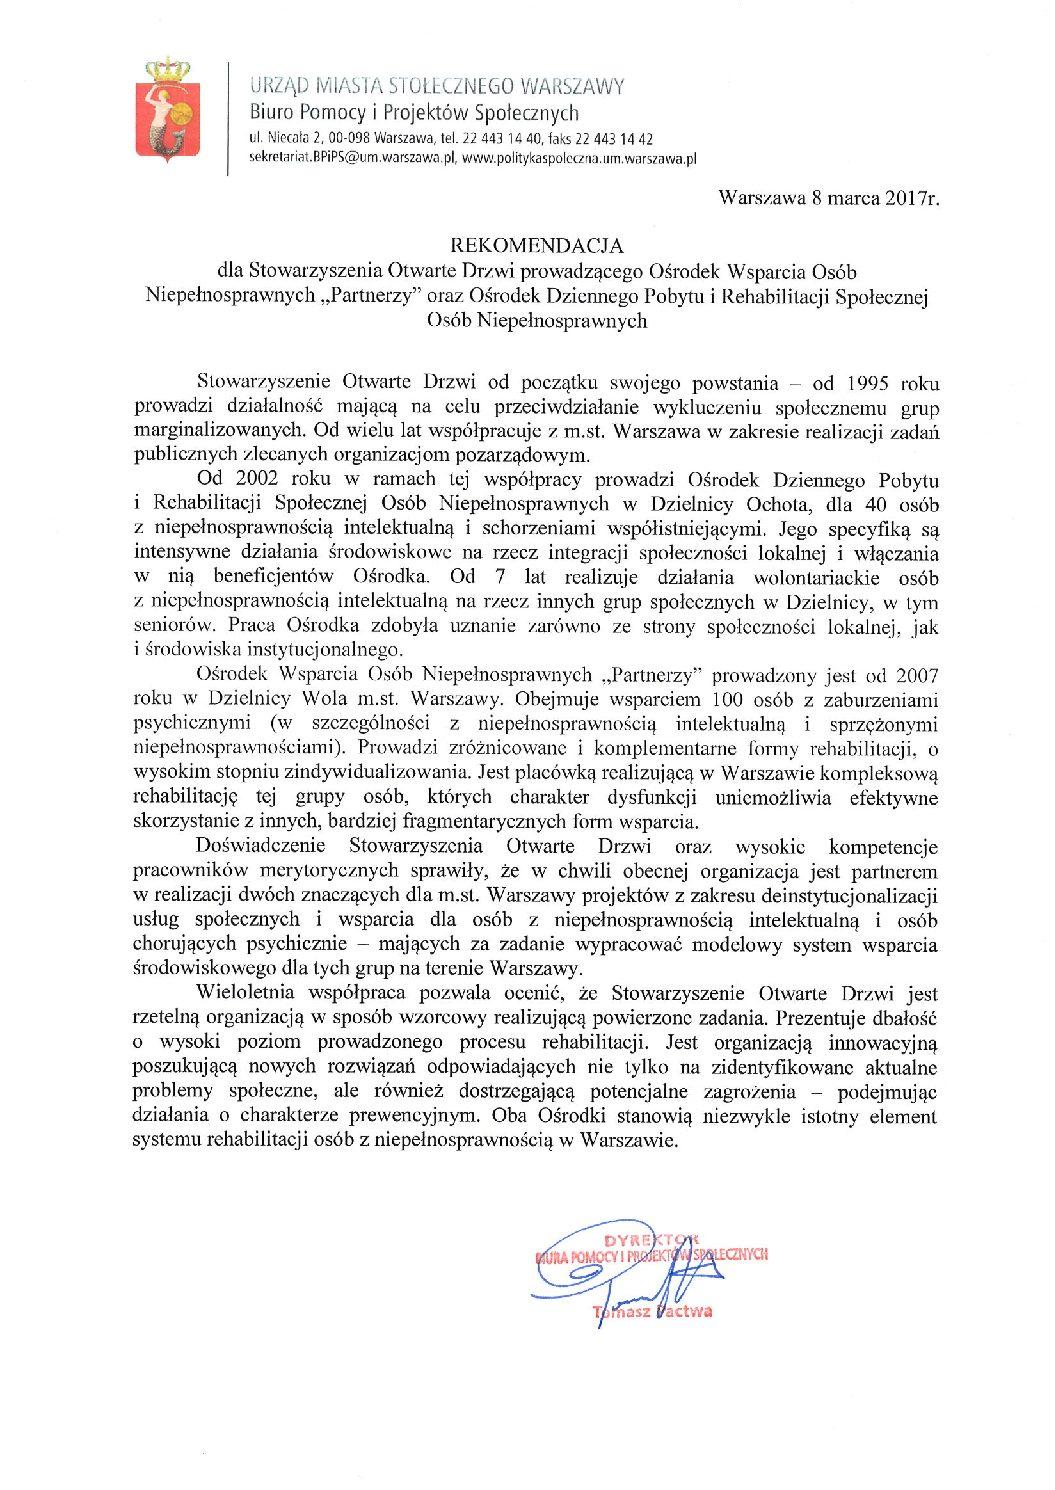 Rekomendacja – Biuro Pomocy i Projektów Społecznych